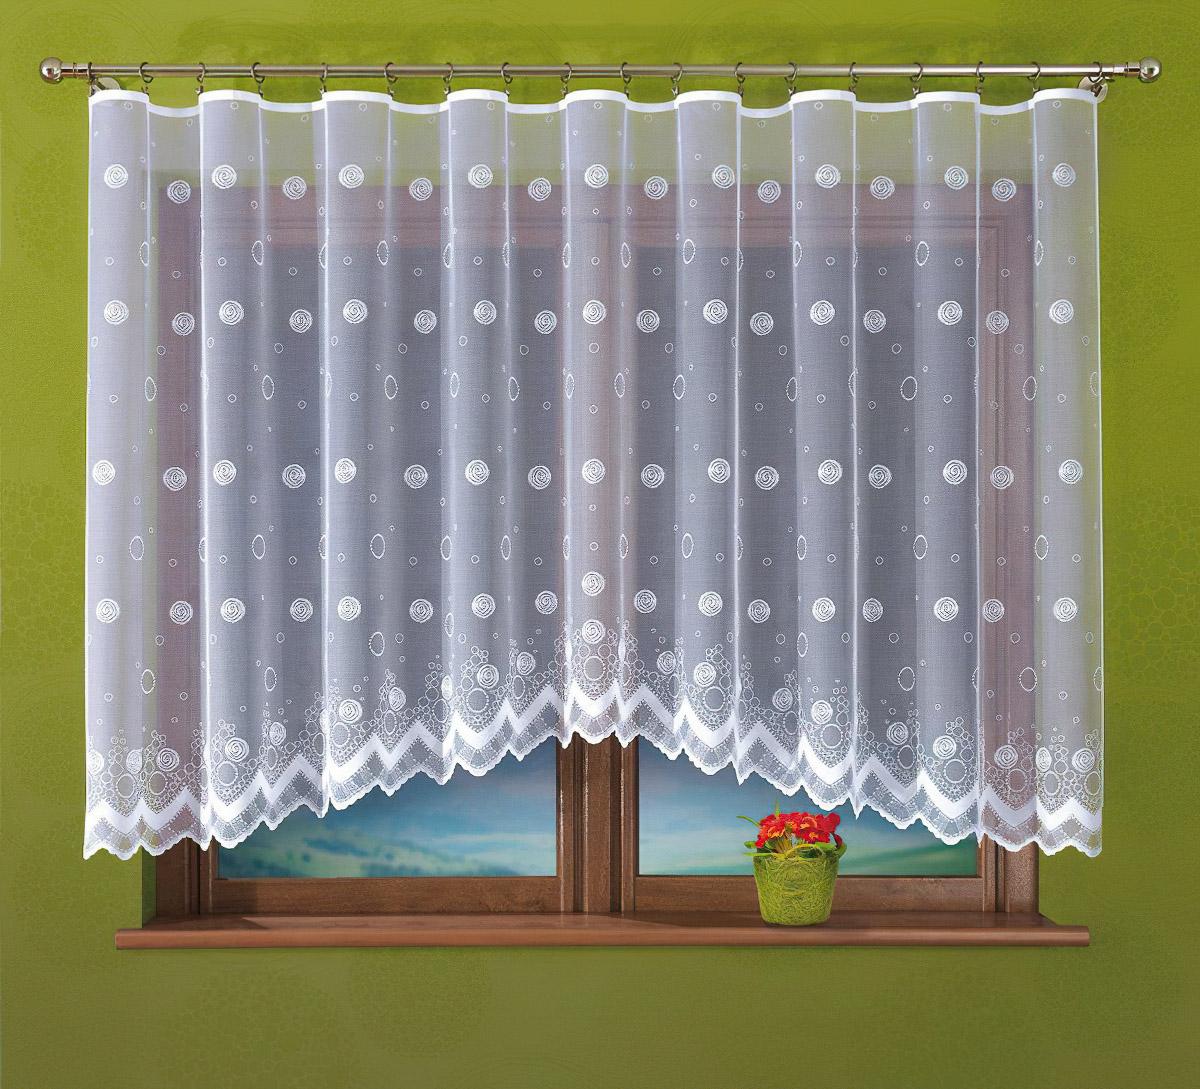 Forbyt kusová záclona VANESSA jednobarevná bílá, výška 160 cm x šířka 400 cm (na okno)